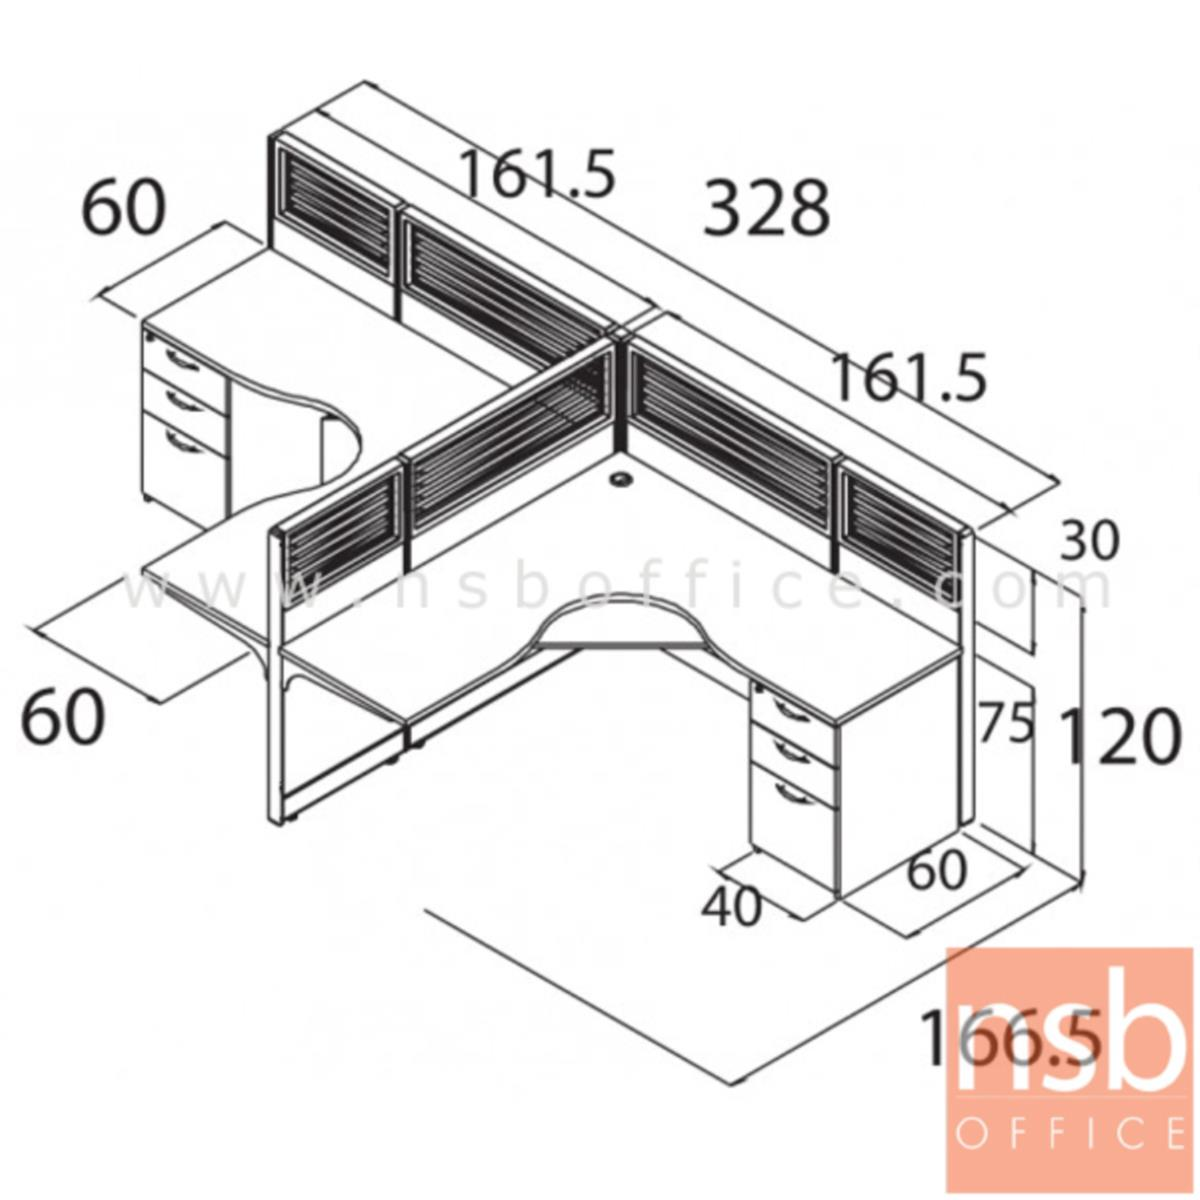 ชุดโต๊ะทำงานกลุ่มตัวแอล 2 ที่นั่ง   ขนาดรวม 328W cm. พร้อมพาร์ทิชั่น Hybrid